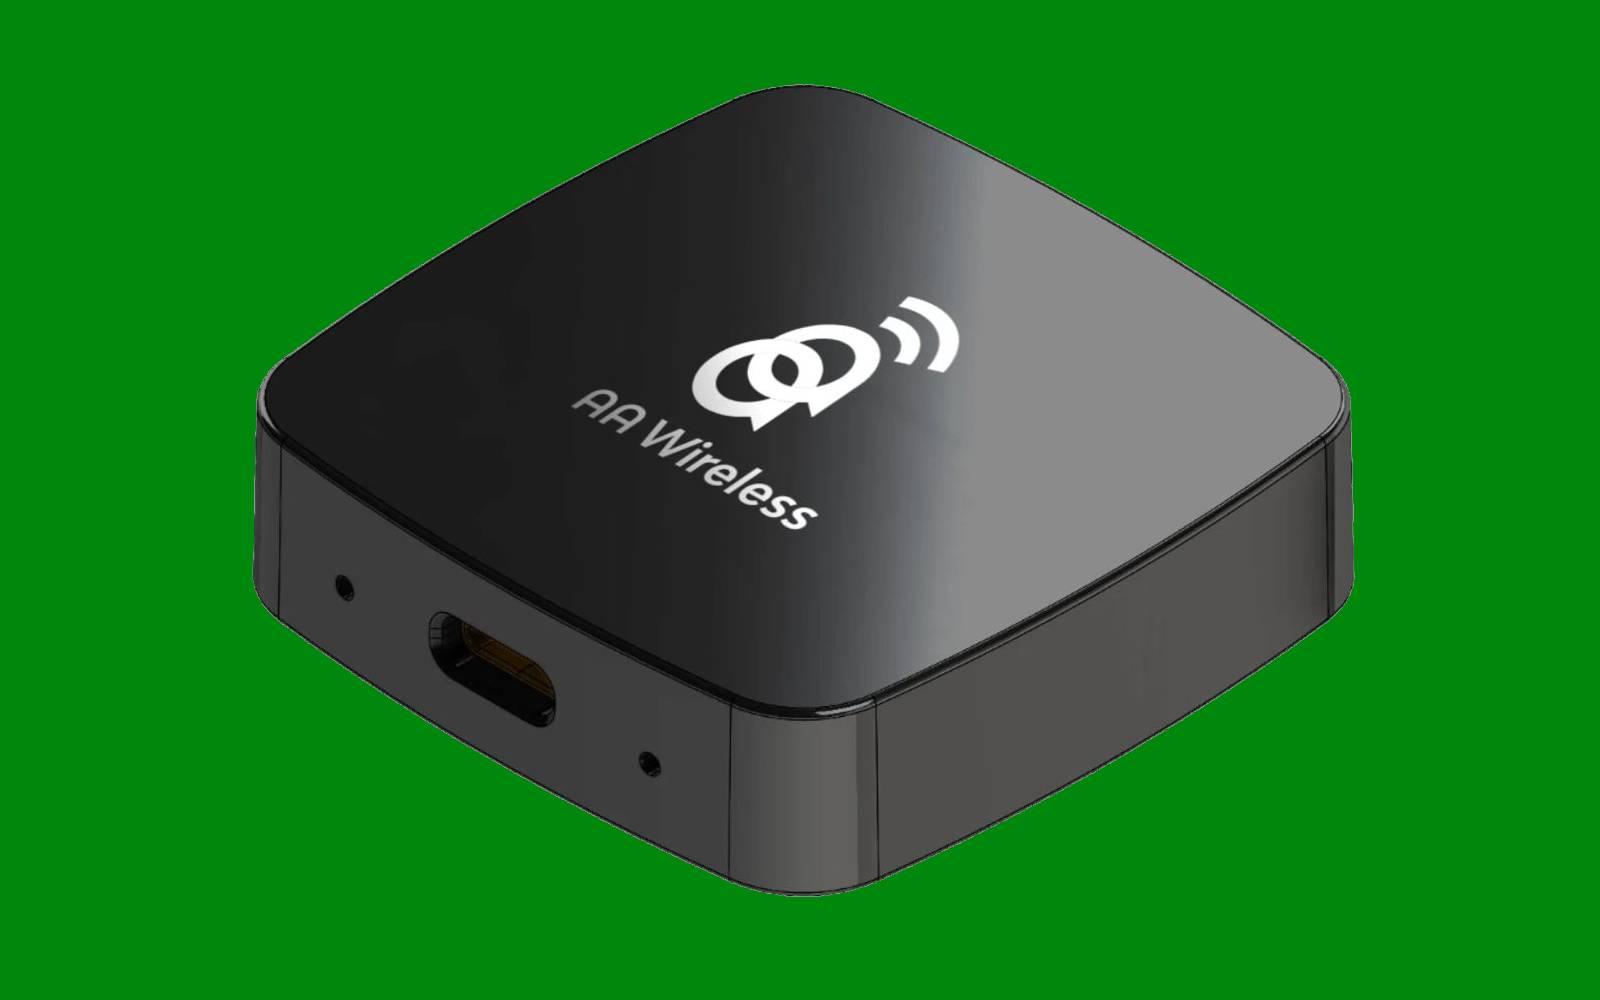 Auslieferung-Wlan-Box-AAWireless-f-r-kabelloses-Android-Auto-startet-durch-und-neue-Sorgen